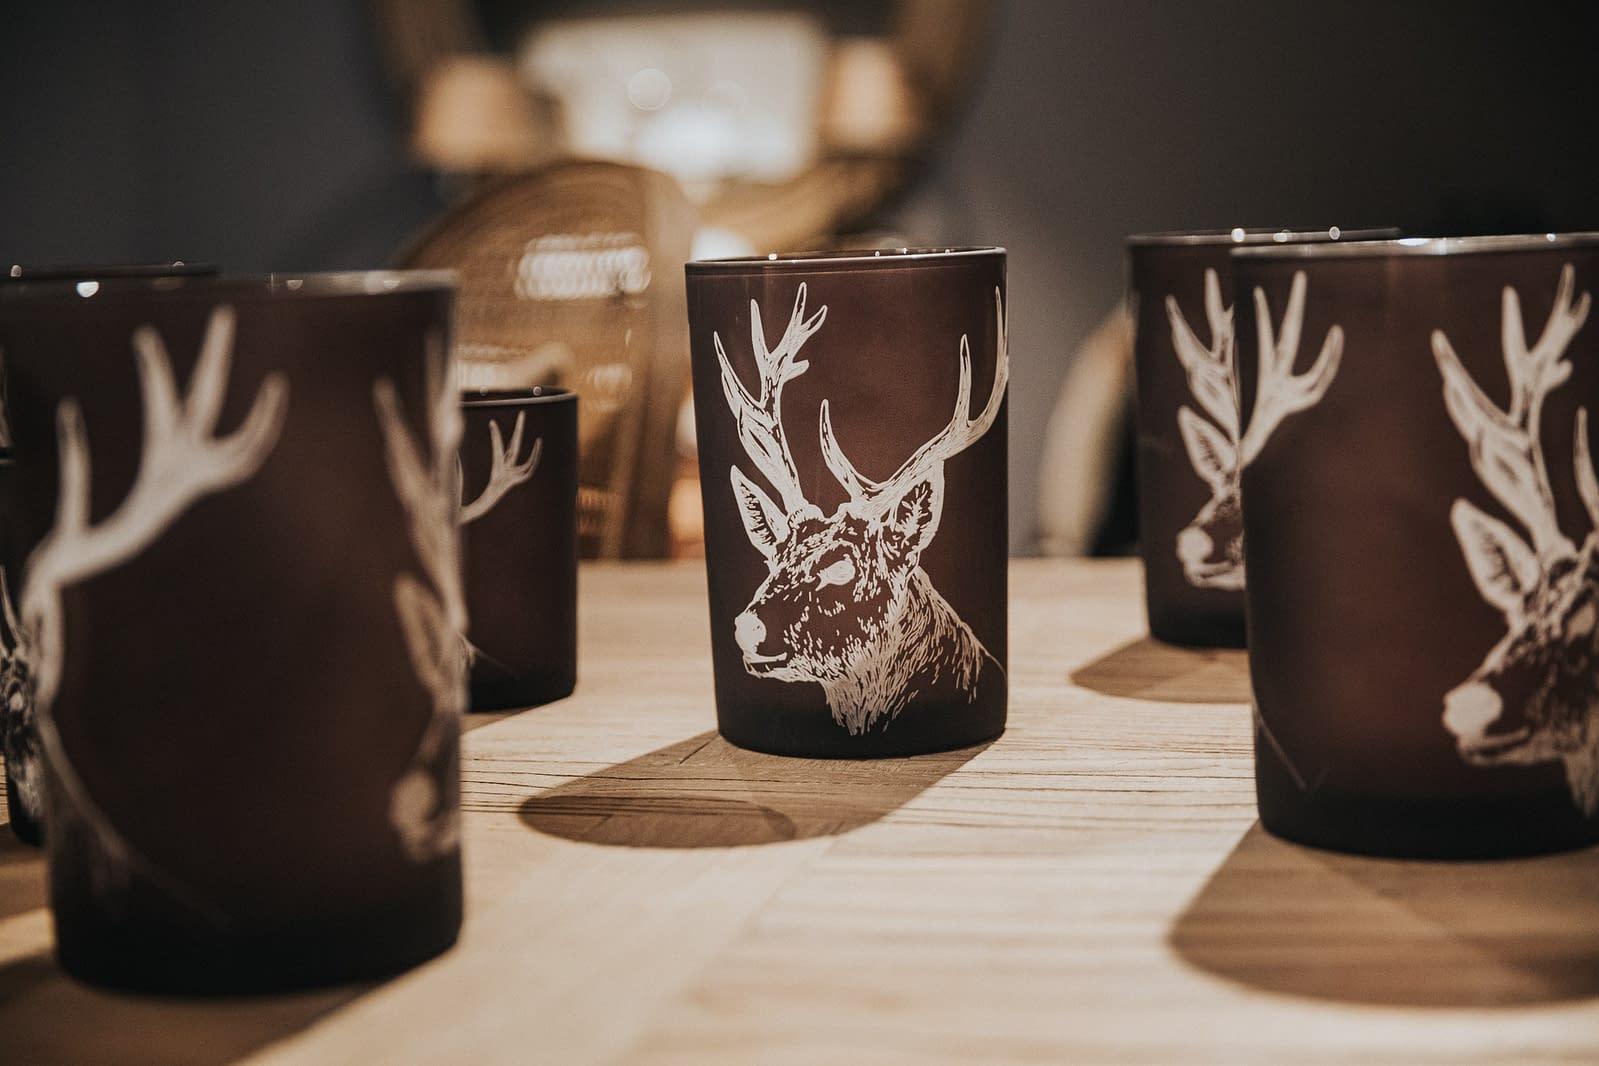 Kerzenbehälter - Weihnachtsdekoration